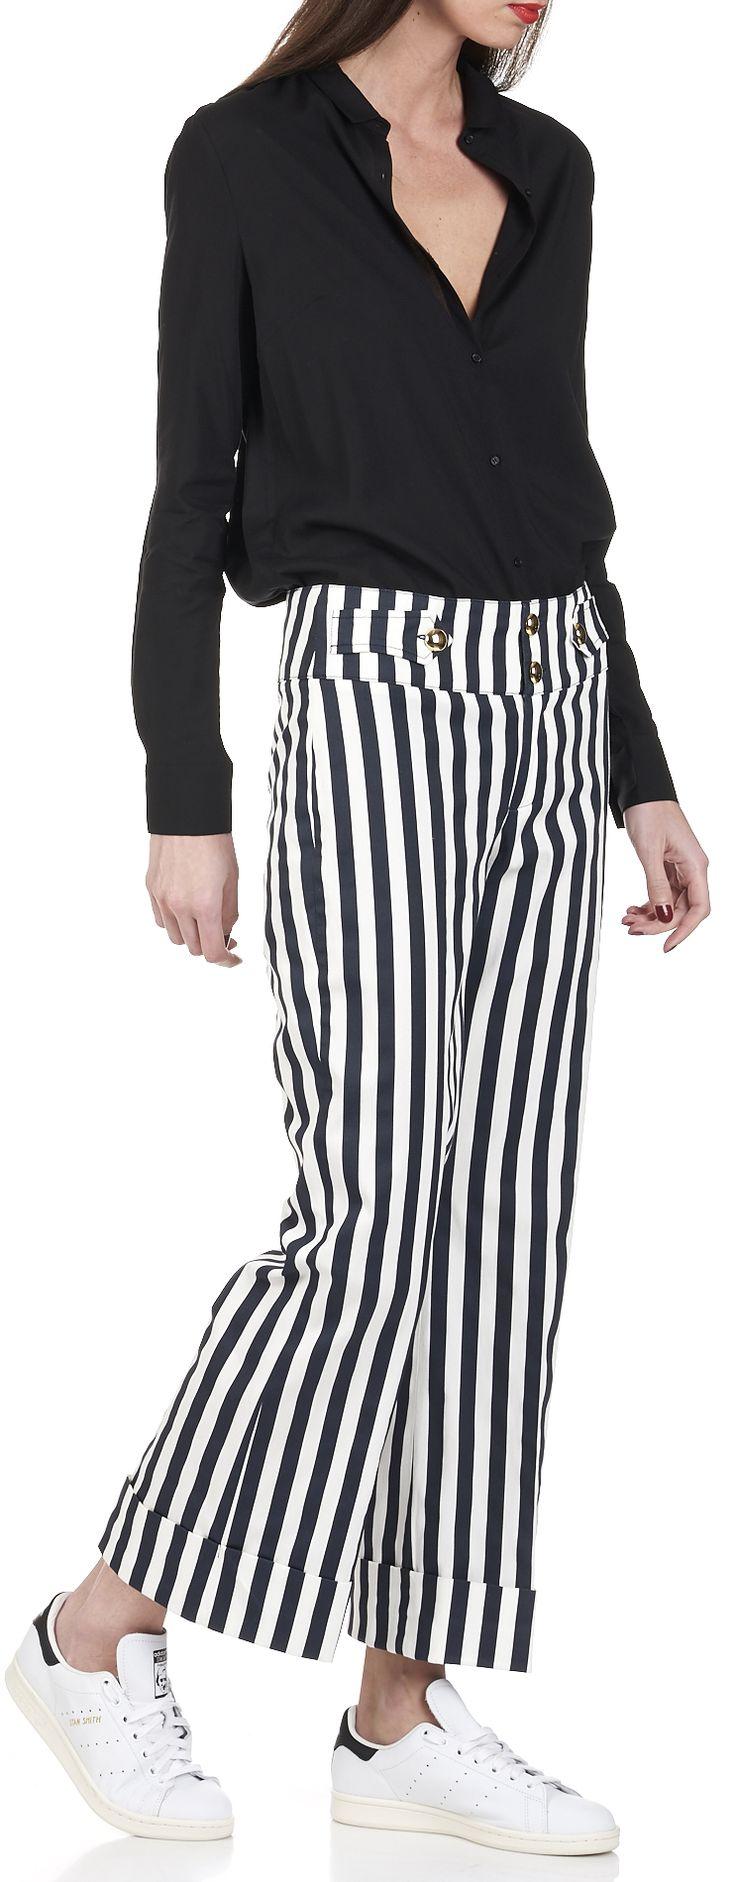 les 25 meilleures id es de la cat gorie pantalon rayures sur pinterest pantalons de soir e. Black Bedroom Furniture Sets. Home Design Ideas